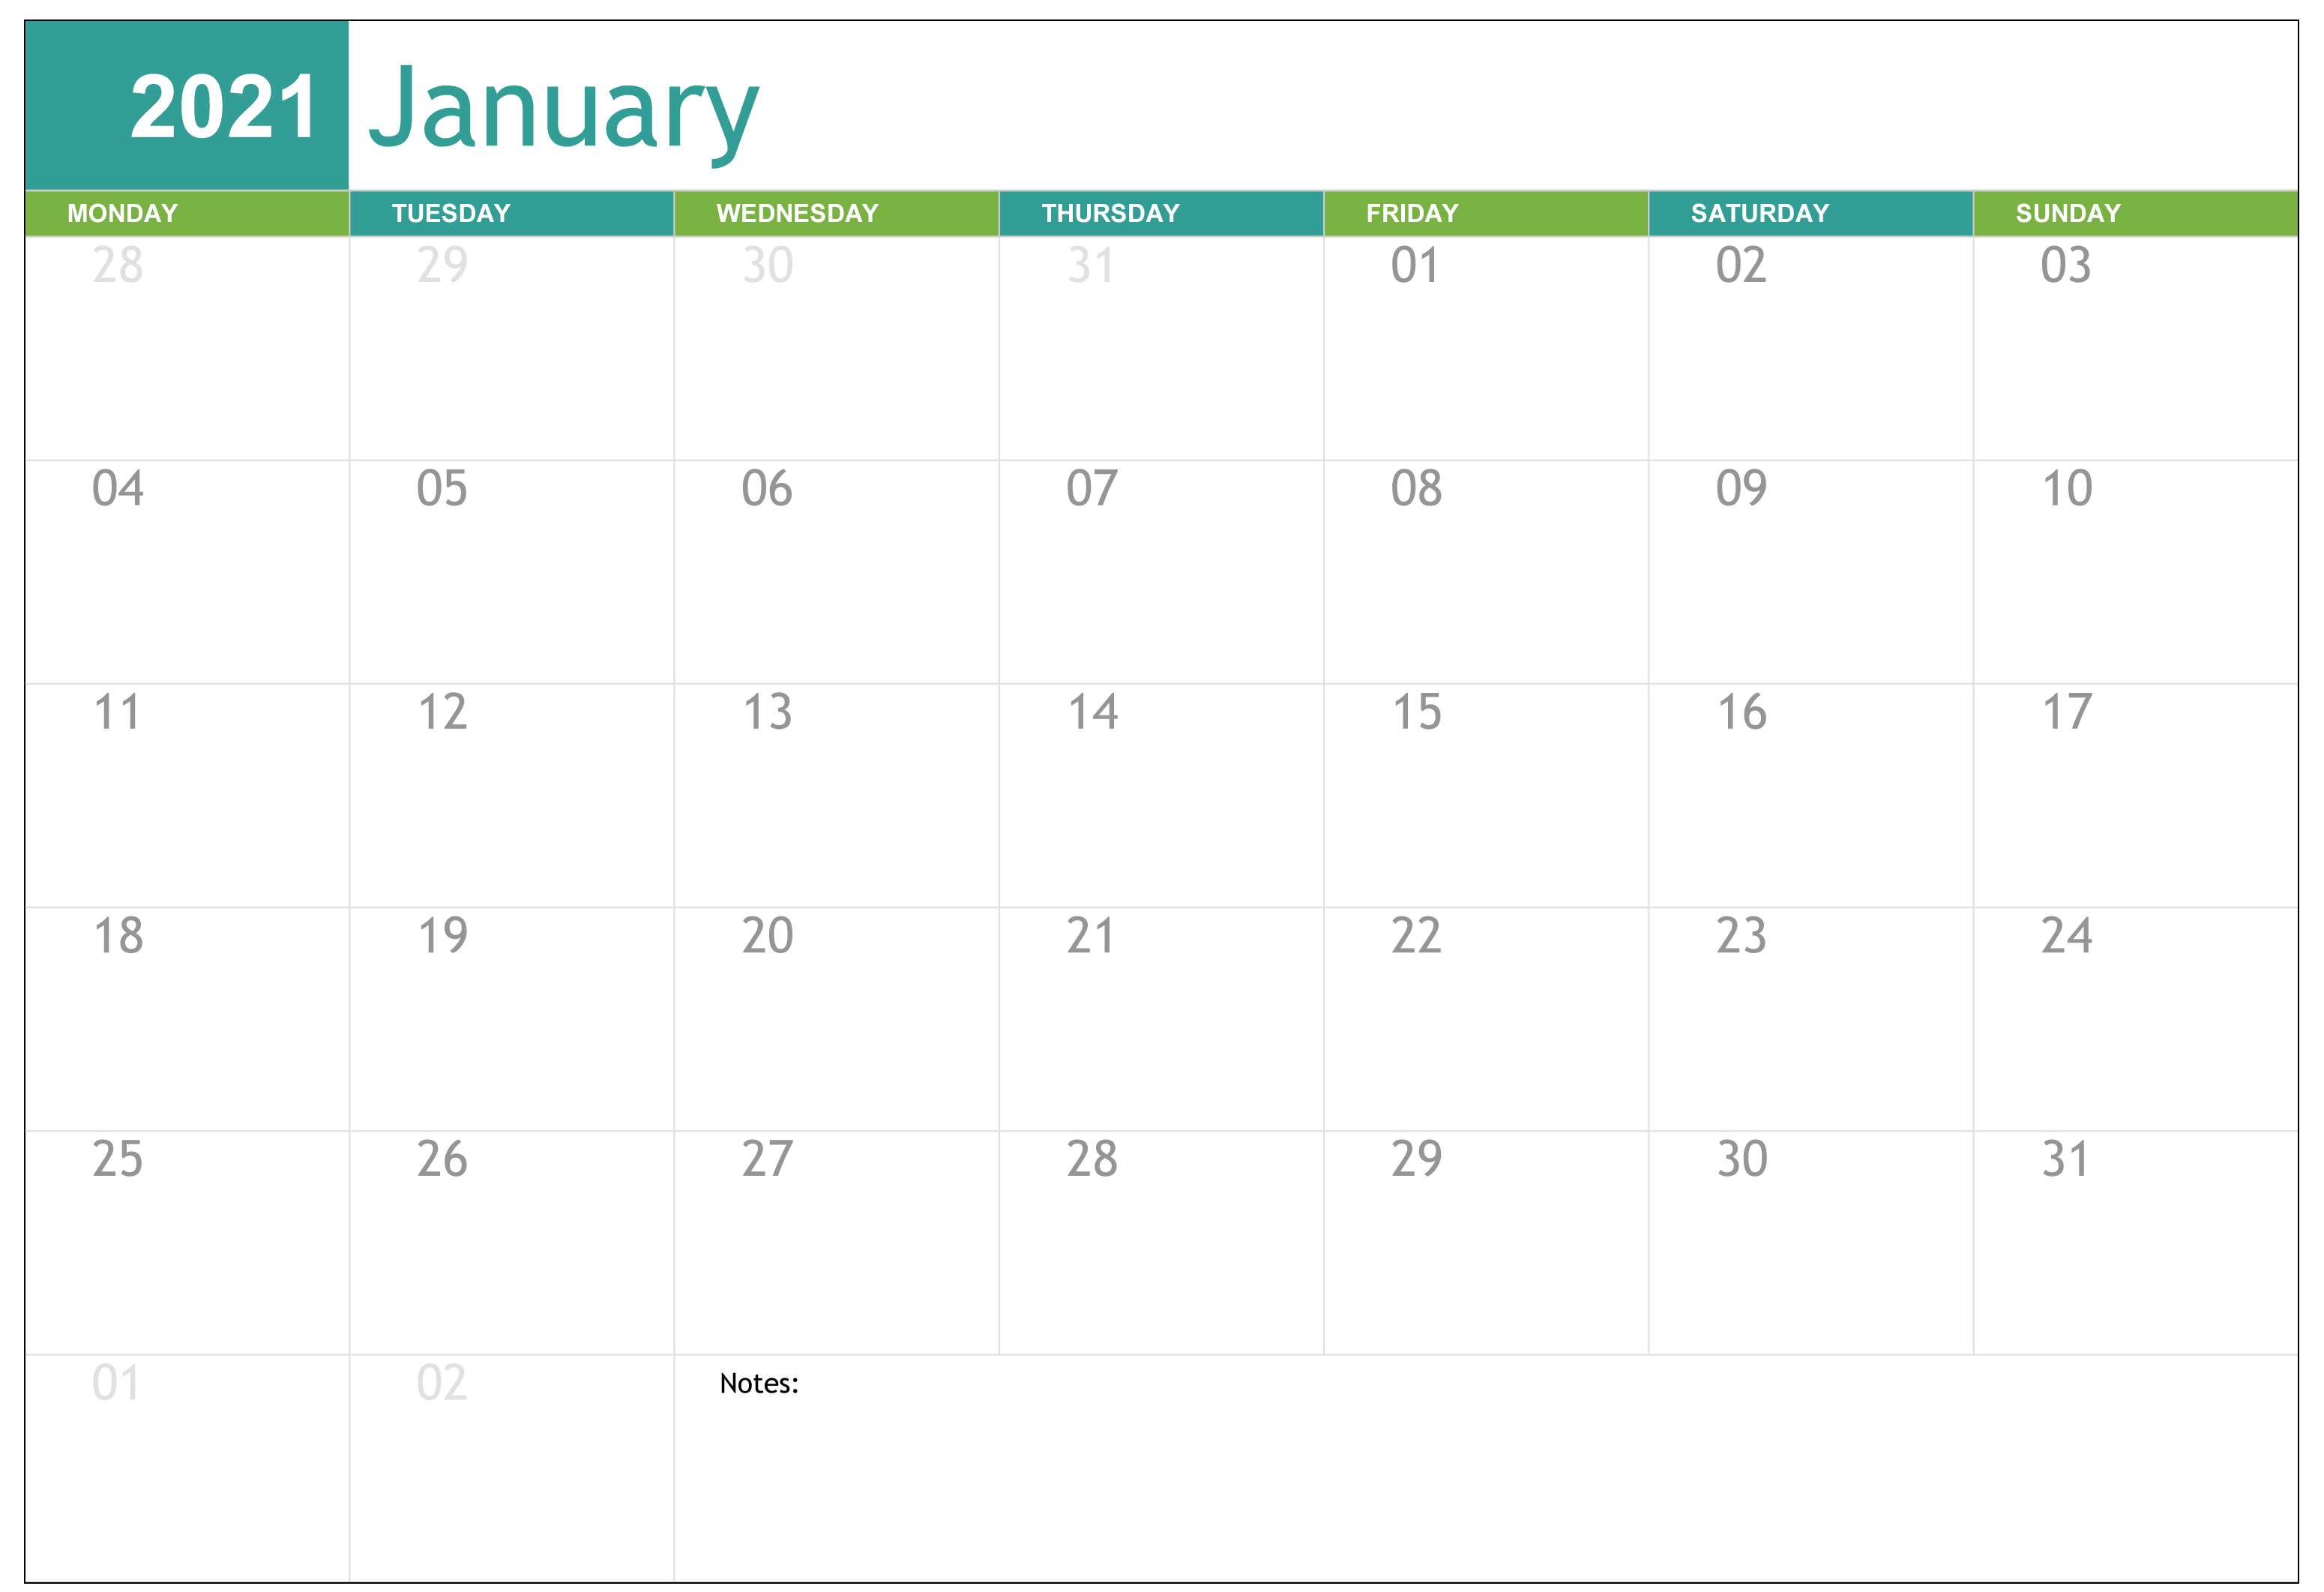 2021 January Editable Calendar